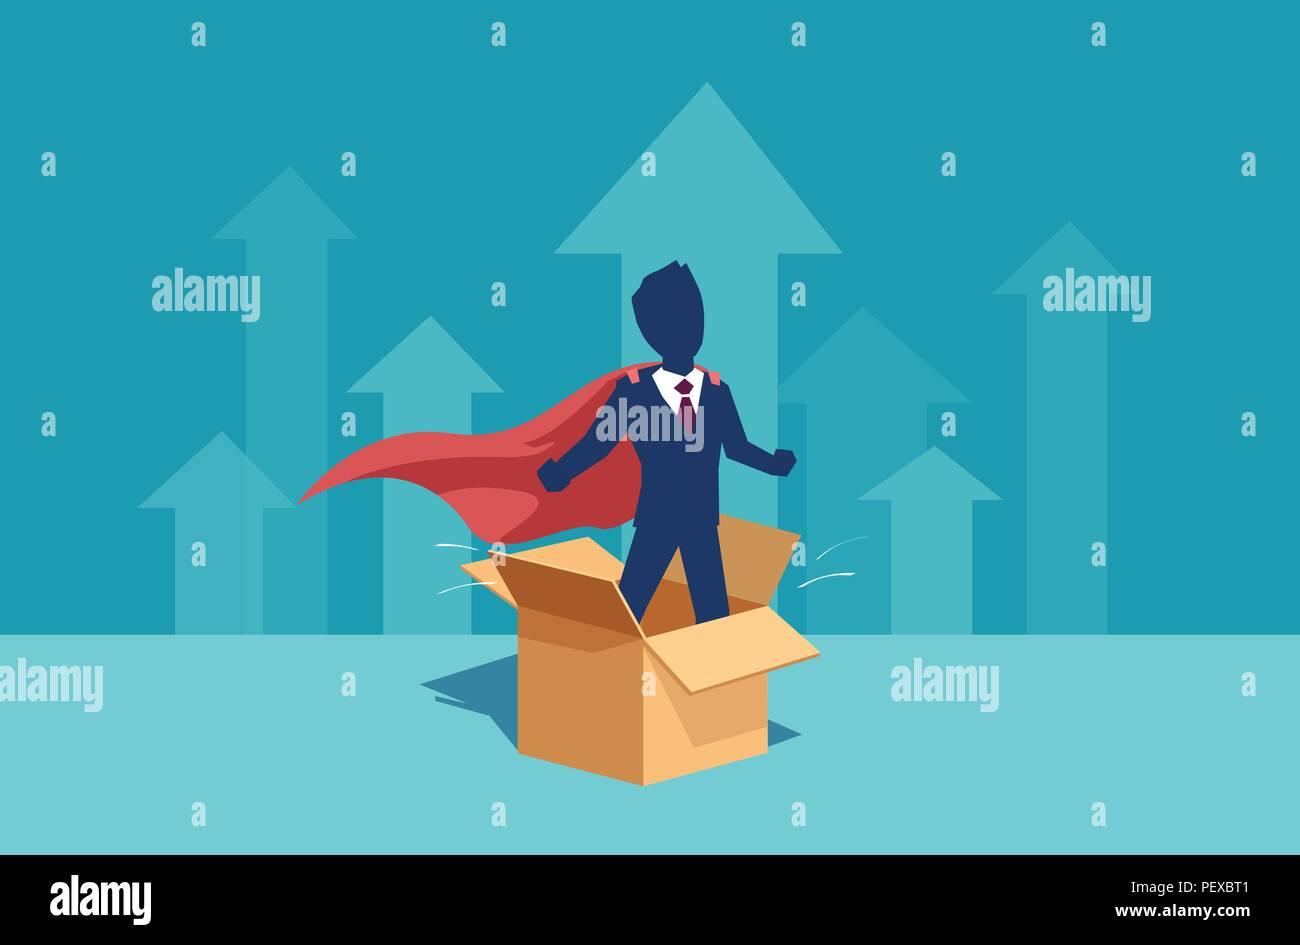 Der Vektor der Kaufmann Mitarbeiter als super hero Querdenken hat Ideen für die persönliche Karriere und das Wachstum Ihres Unternehmens Stockbild